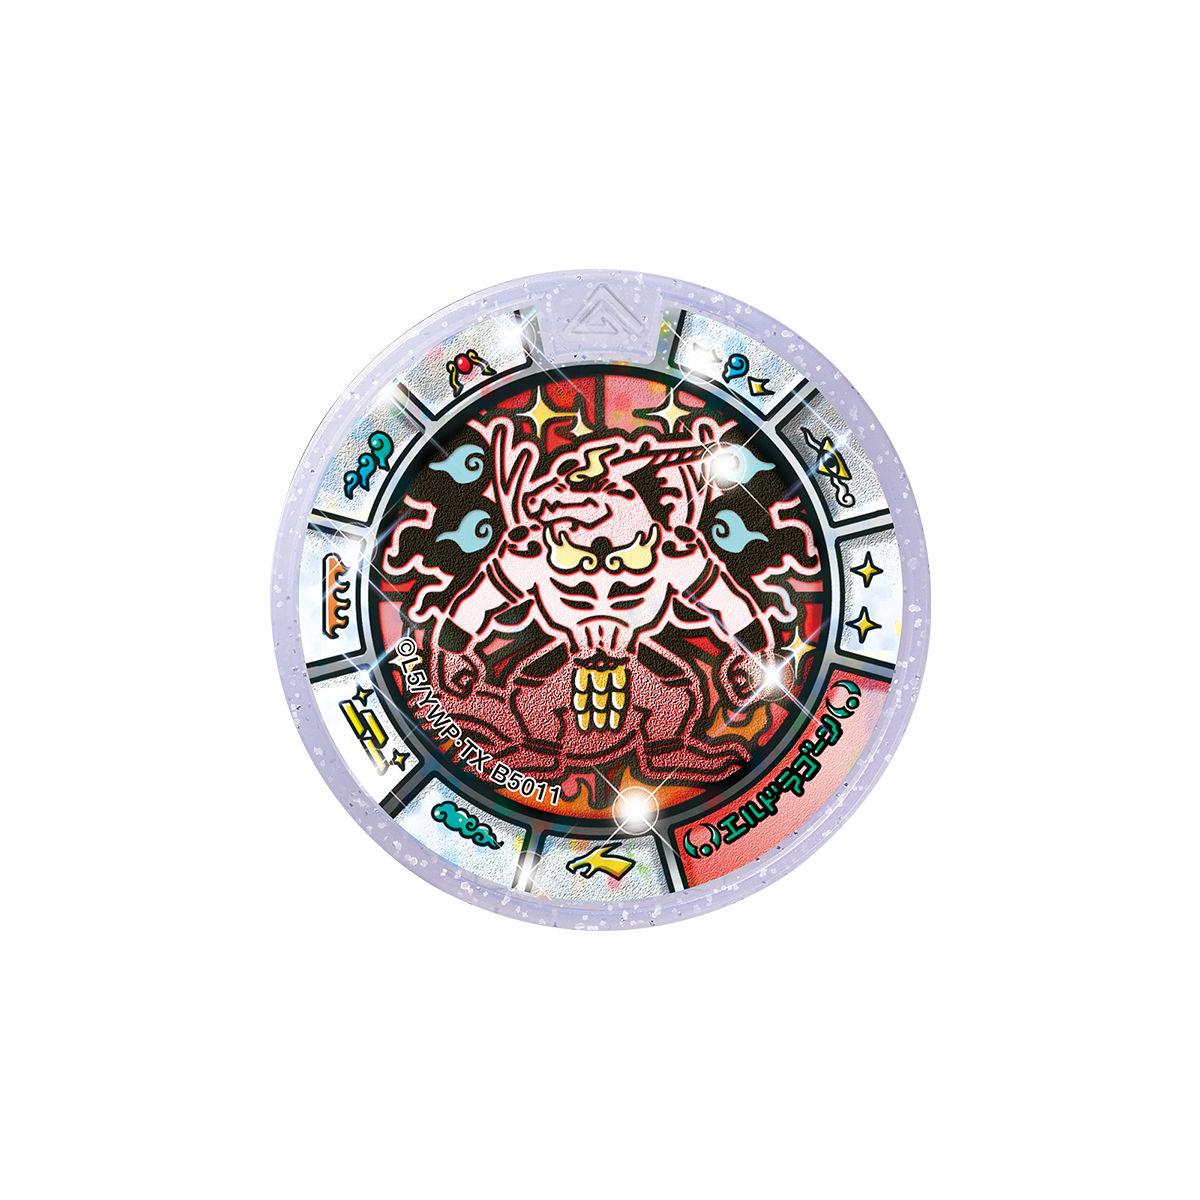 秘宝妖怪エンブレム&カセキメダルセット03 エルドラゴーン